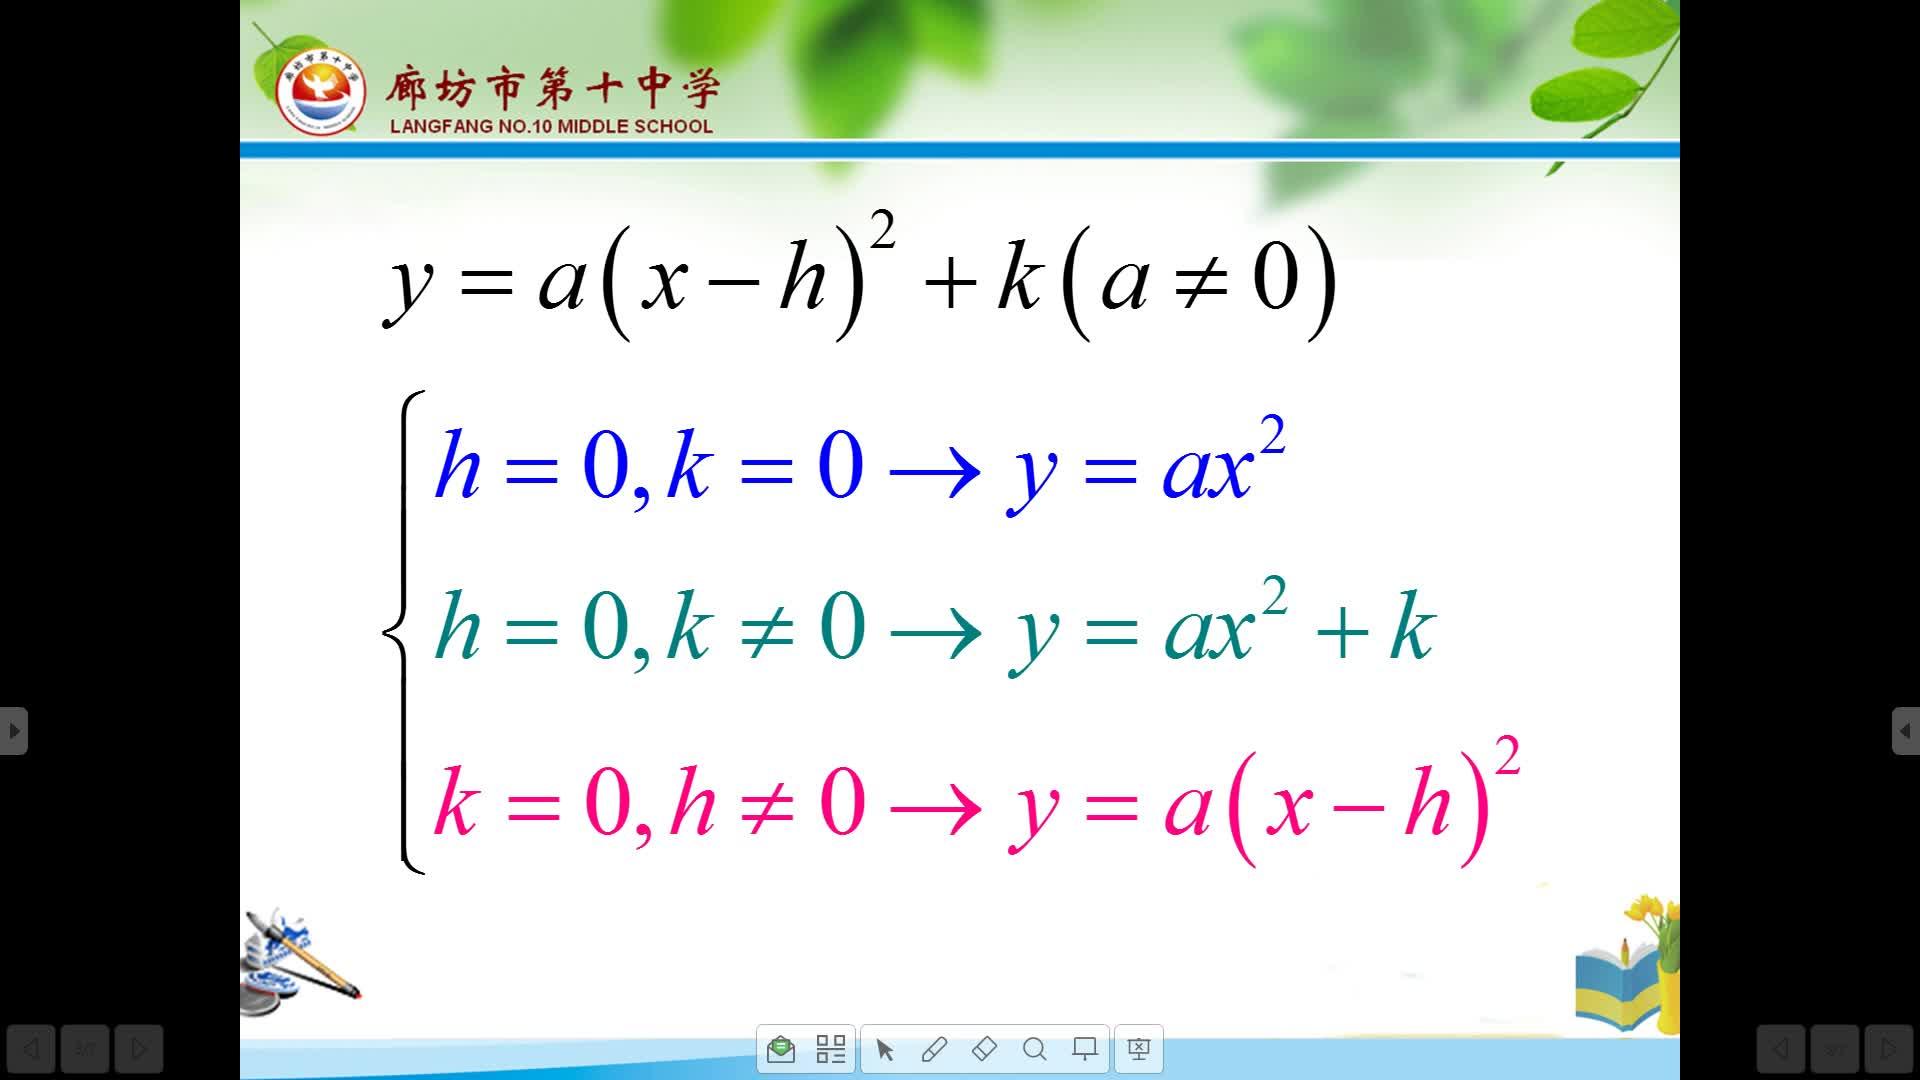 廊坊十中-糖果派对官方网站九年级上册-数学-22.1.3二次函数y=a(x-h)2 k的图象和性质-马淑华